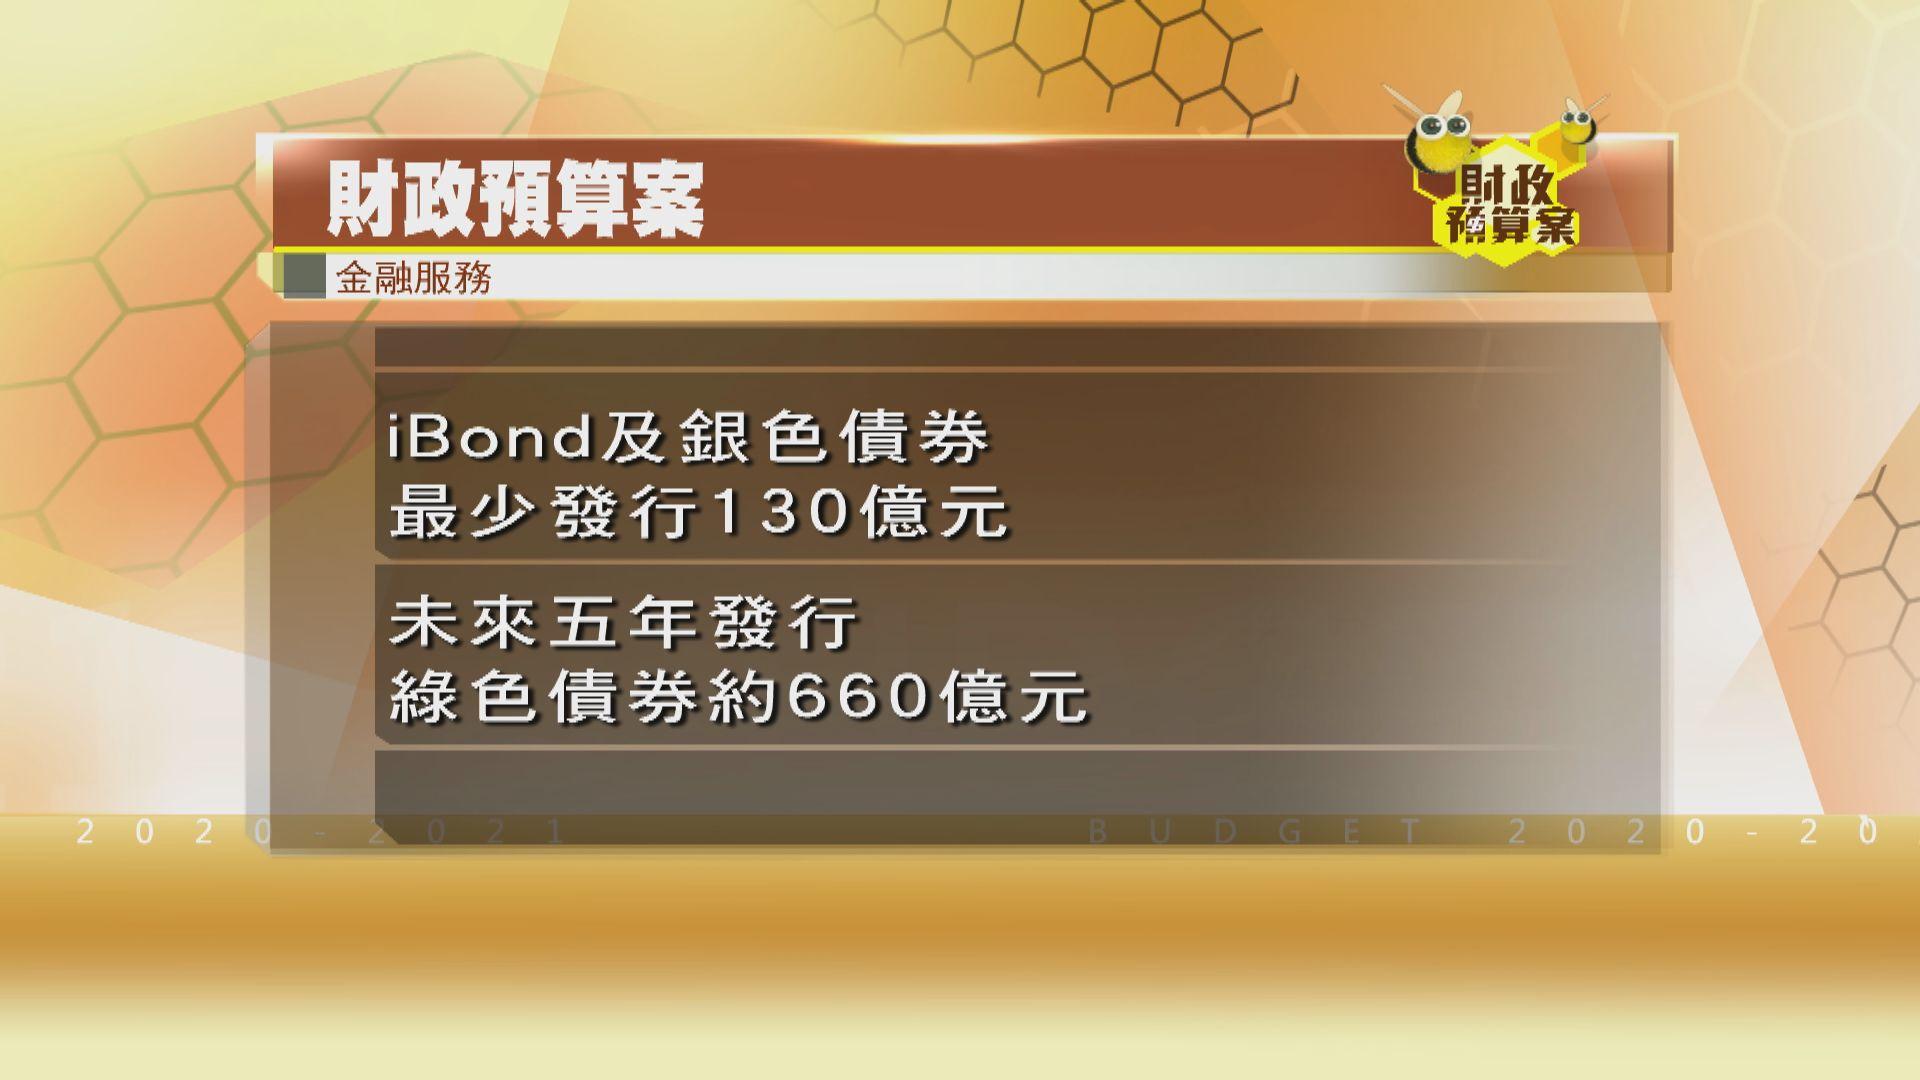 【財政預算案】政府擬發行130億元iBond及銀色債券